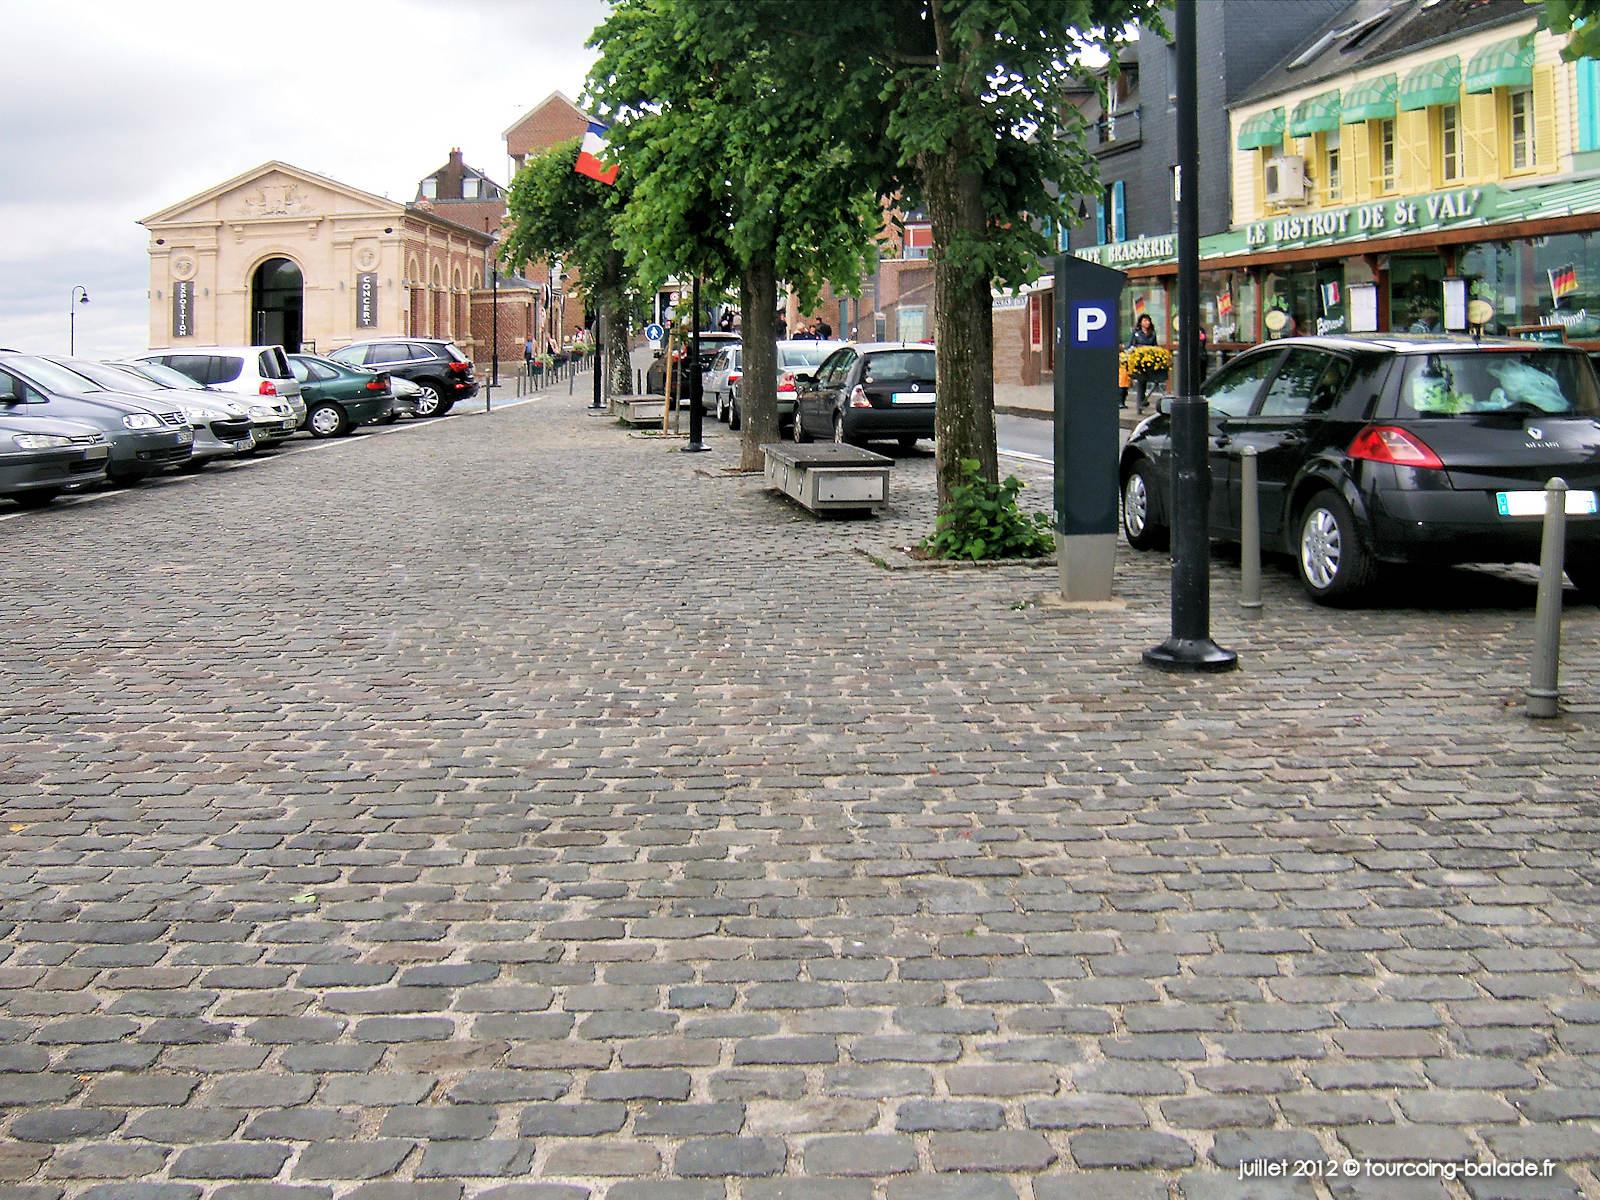 Saint-Valery-sur-Somme, Place des Pilotes, 2012